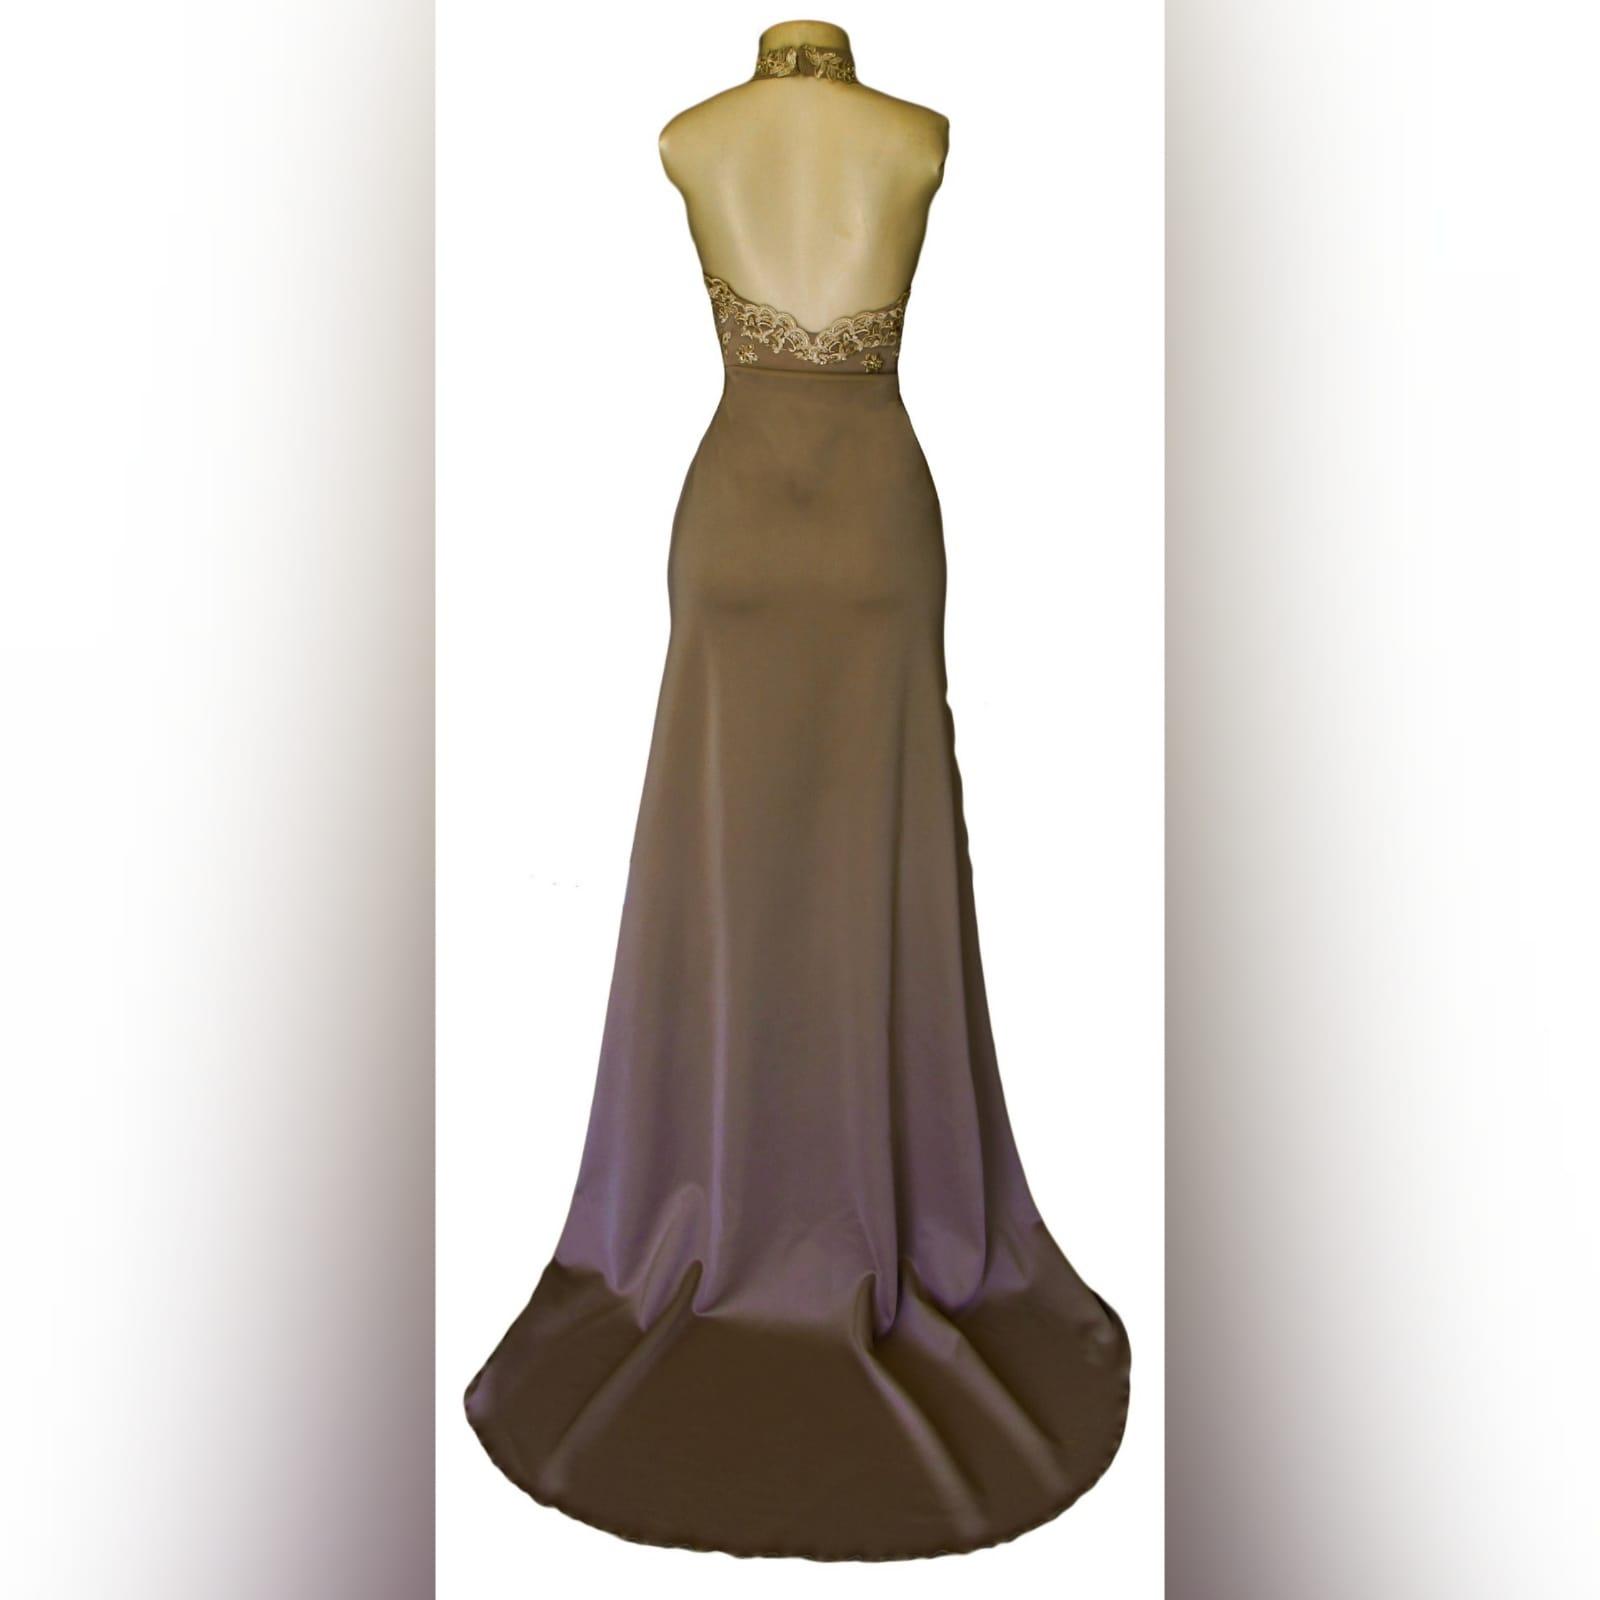 Vestido de graduação longo cor bronzeado 5 vestido de graduação longo cor bronzeado e dourado com corpete de gargantilha de renda, com abertura de decote em lágrima. Com um v aberto a trás. Uma cauda e uma racha alta cruzada.